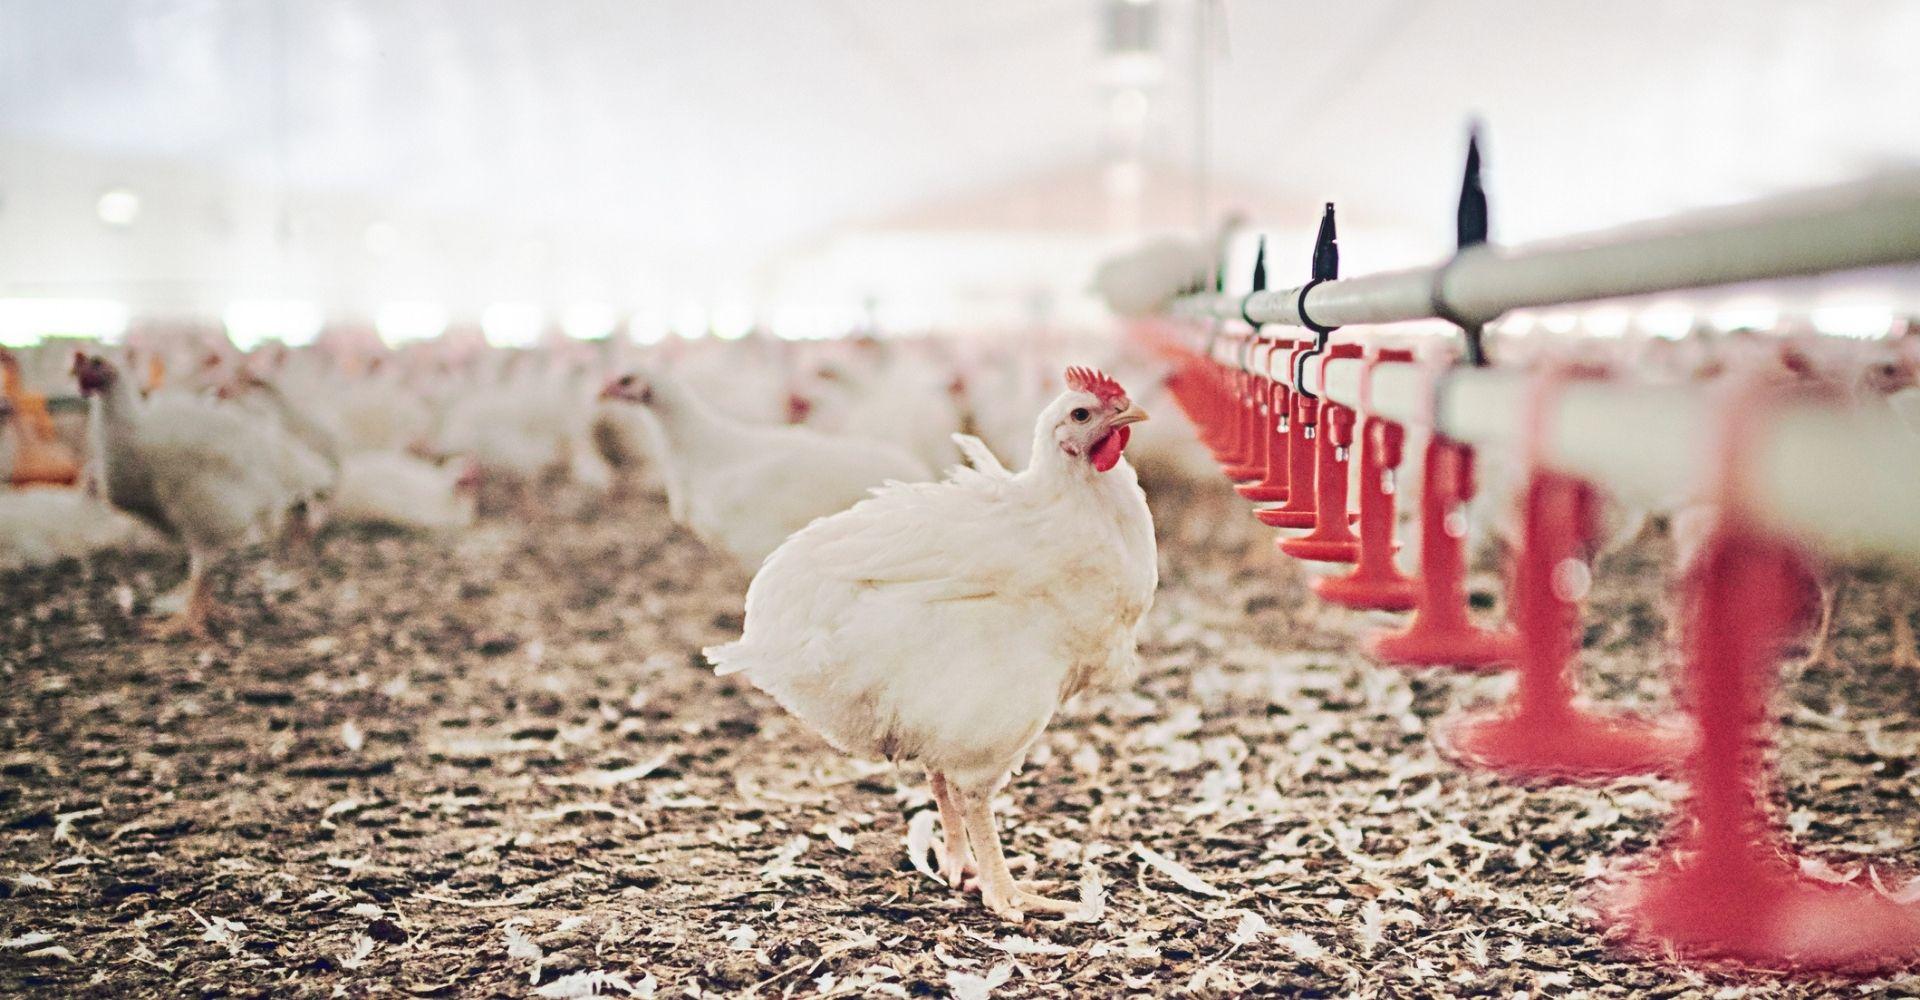 Quanto siamo umani noi umani, se non ci chiediamo mai come può vivere una gallina?